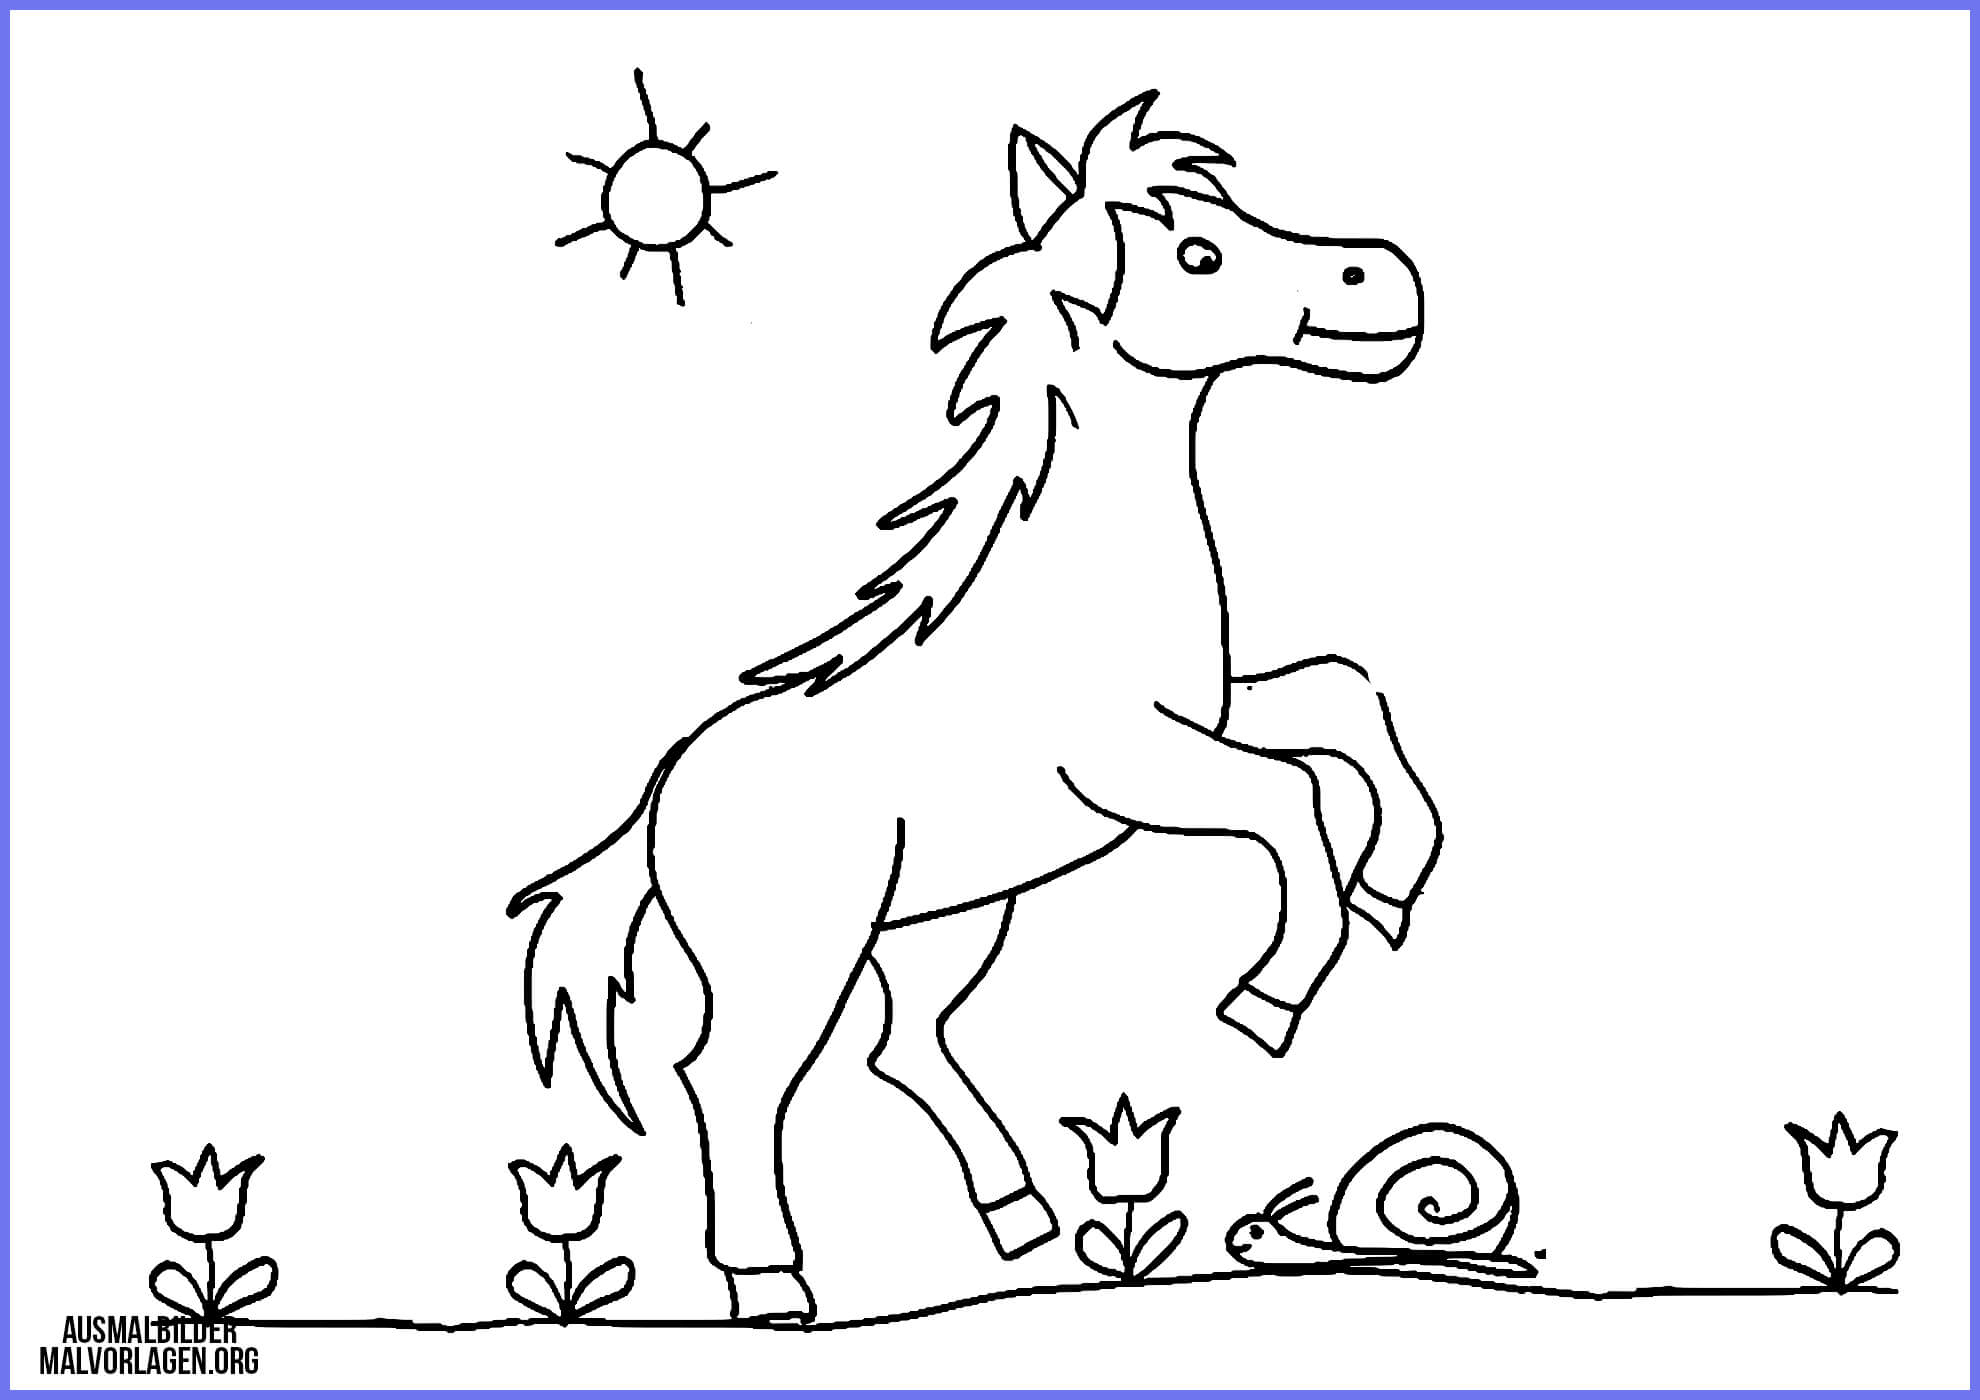 ausmalbilder pferde und ponys - kinderbilder.download